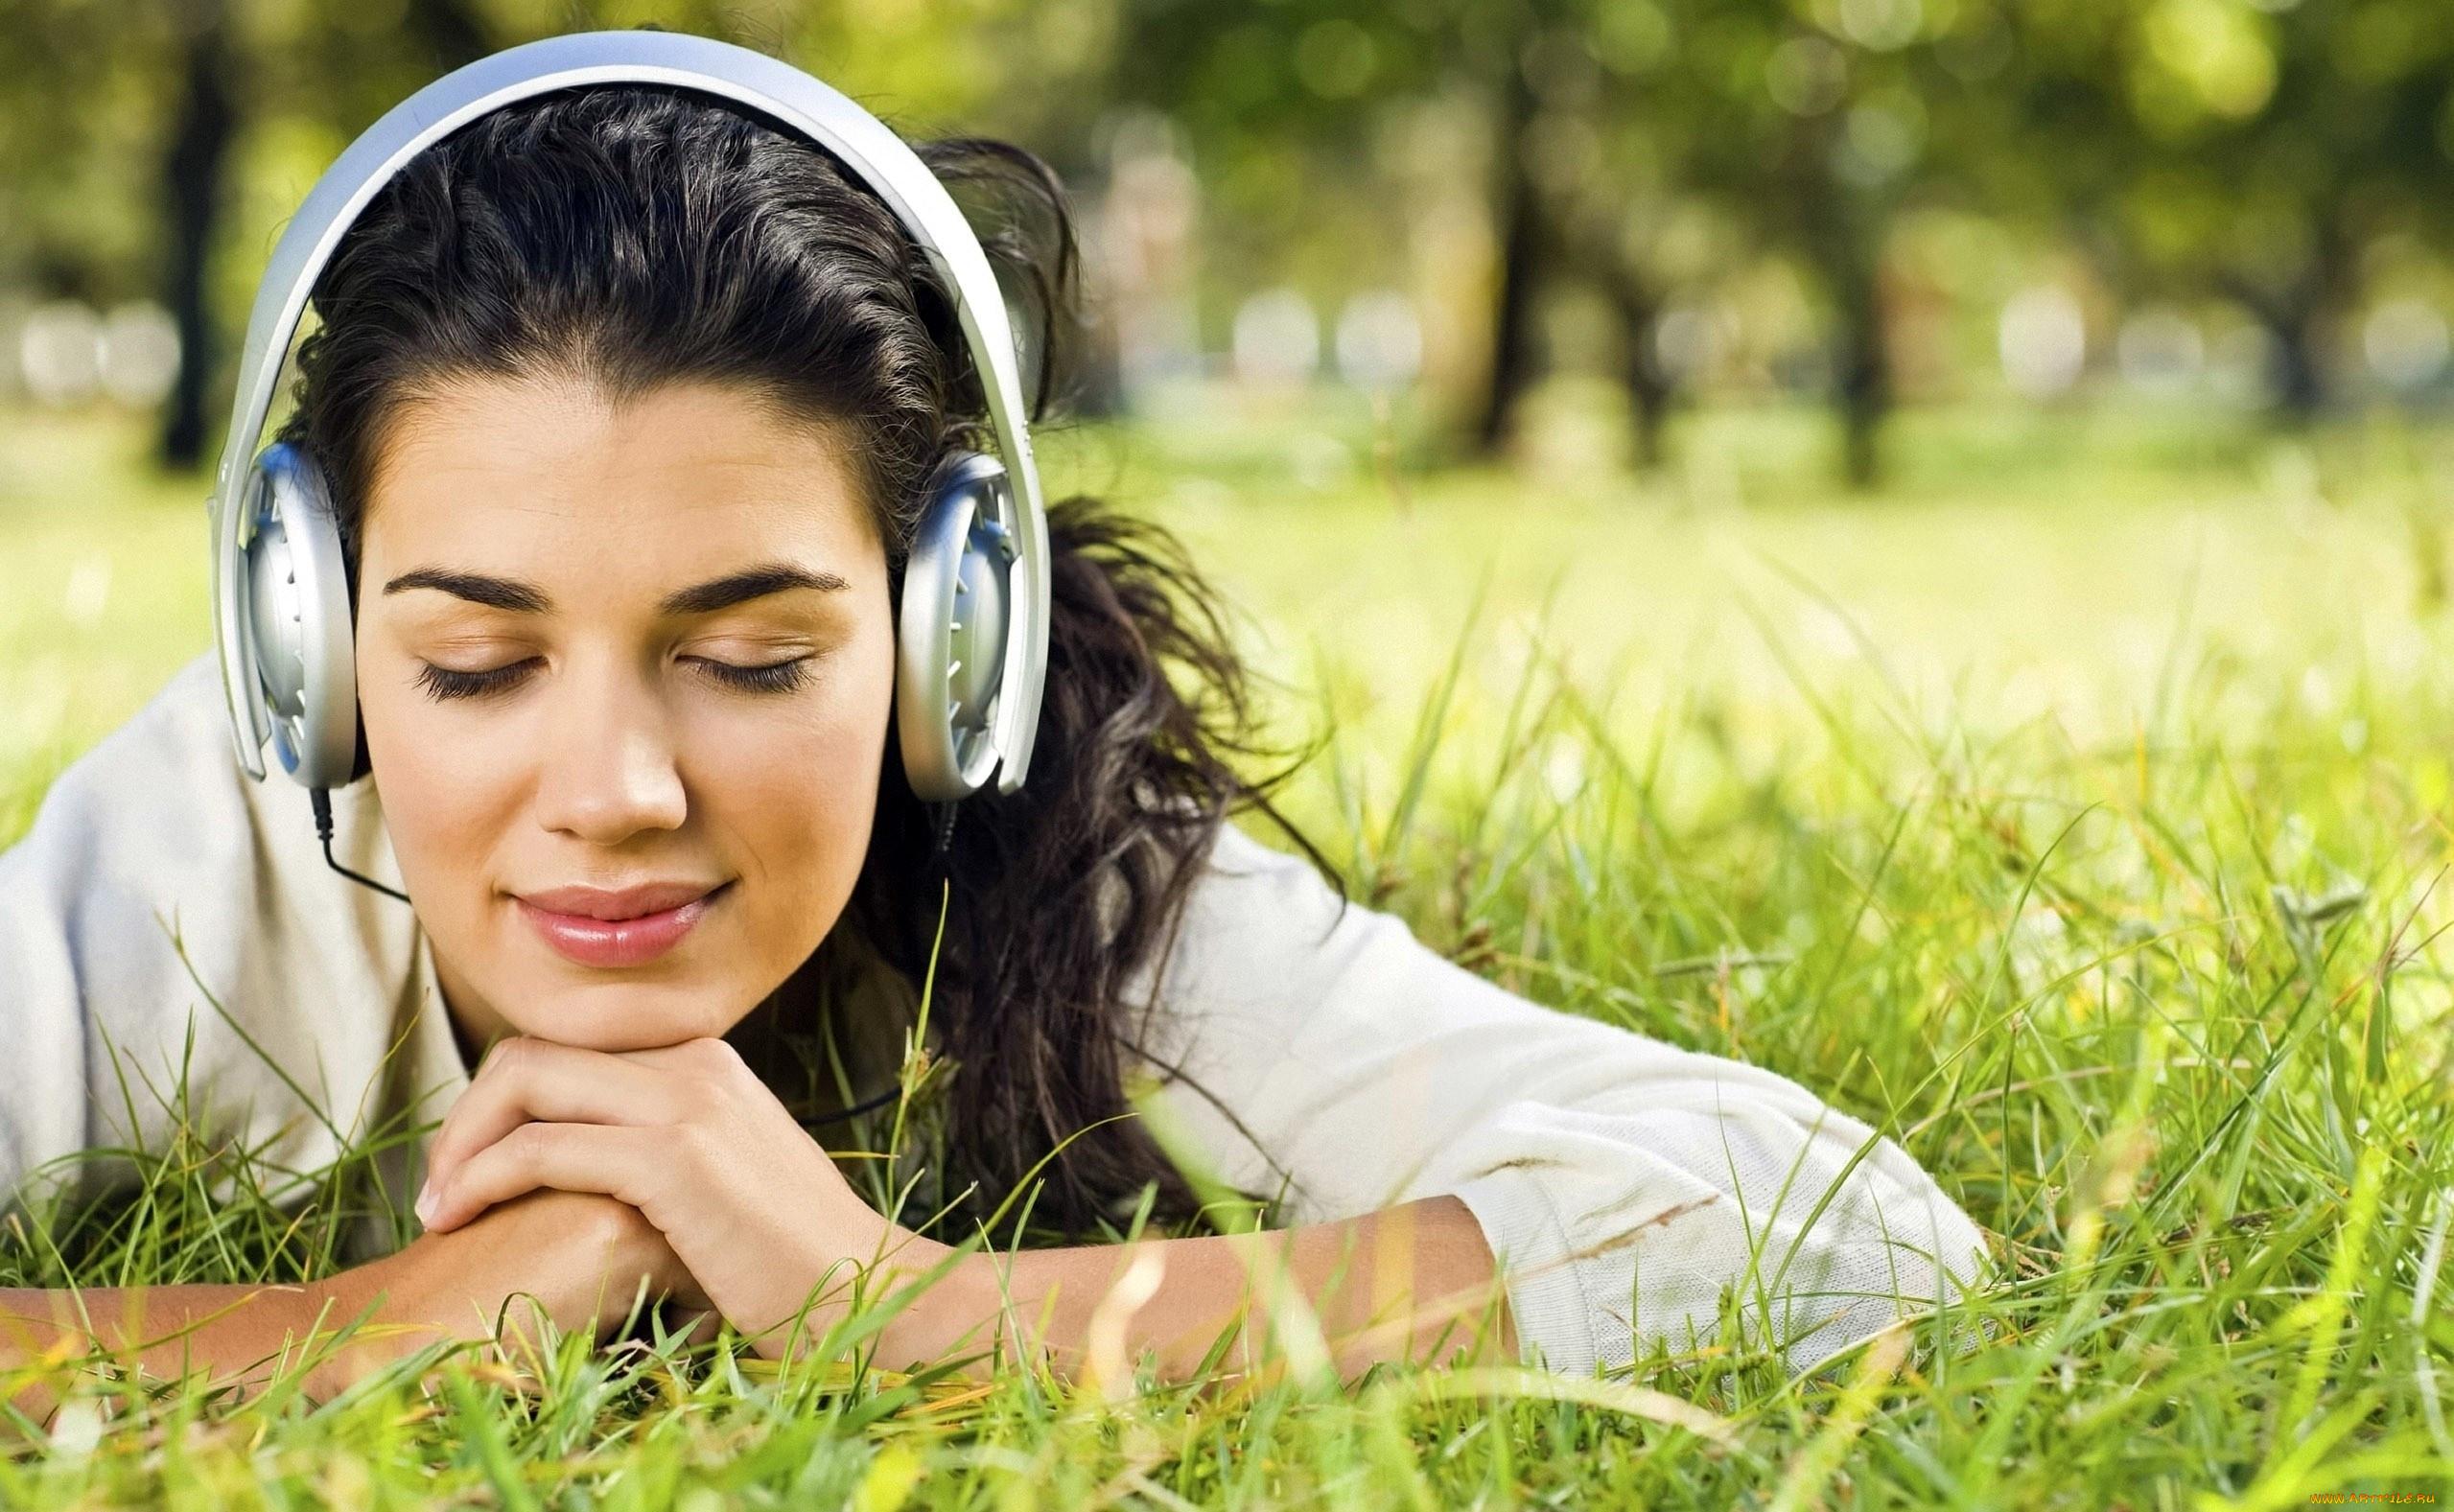 Картинка девушка слушает музыку дома